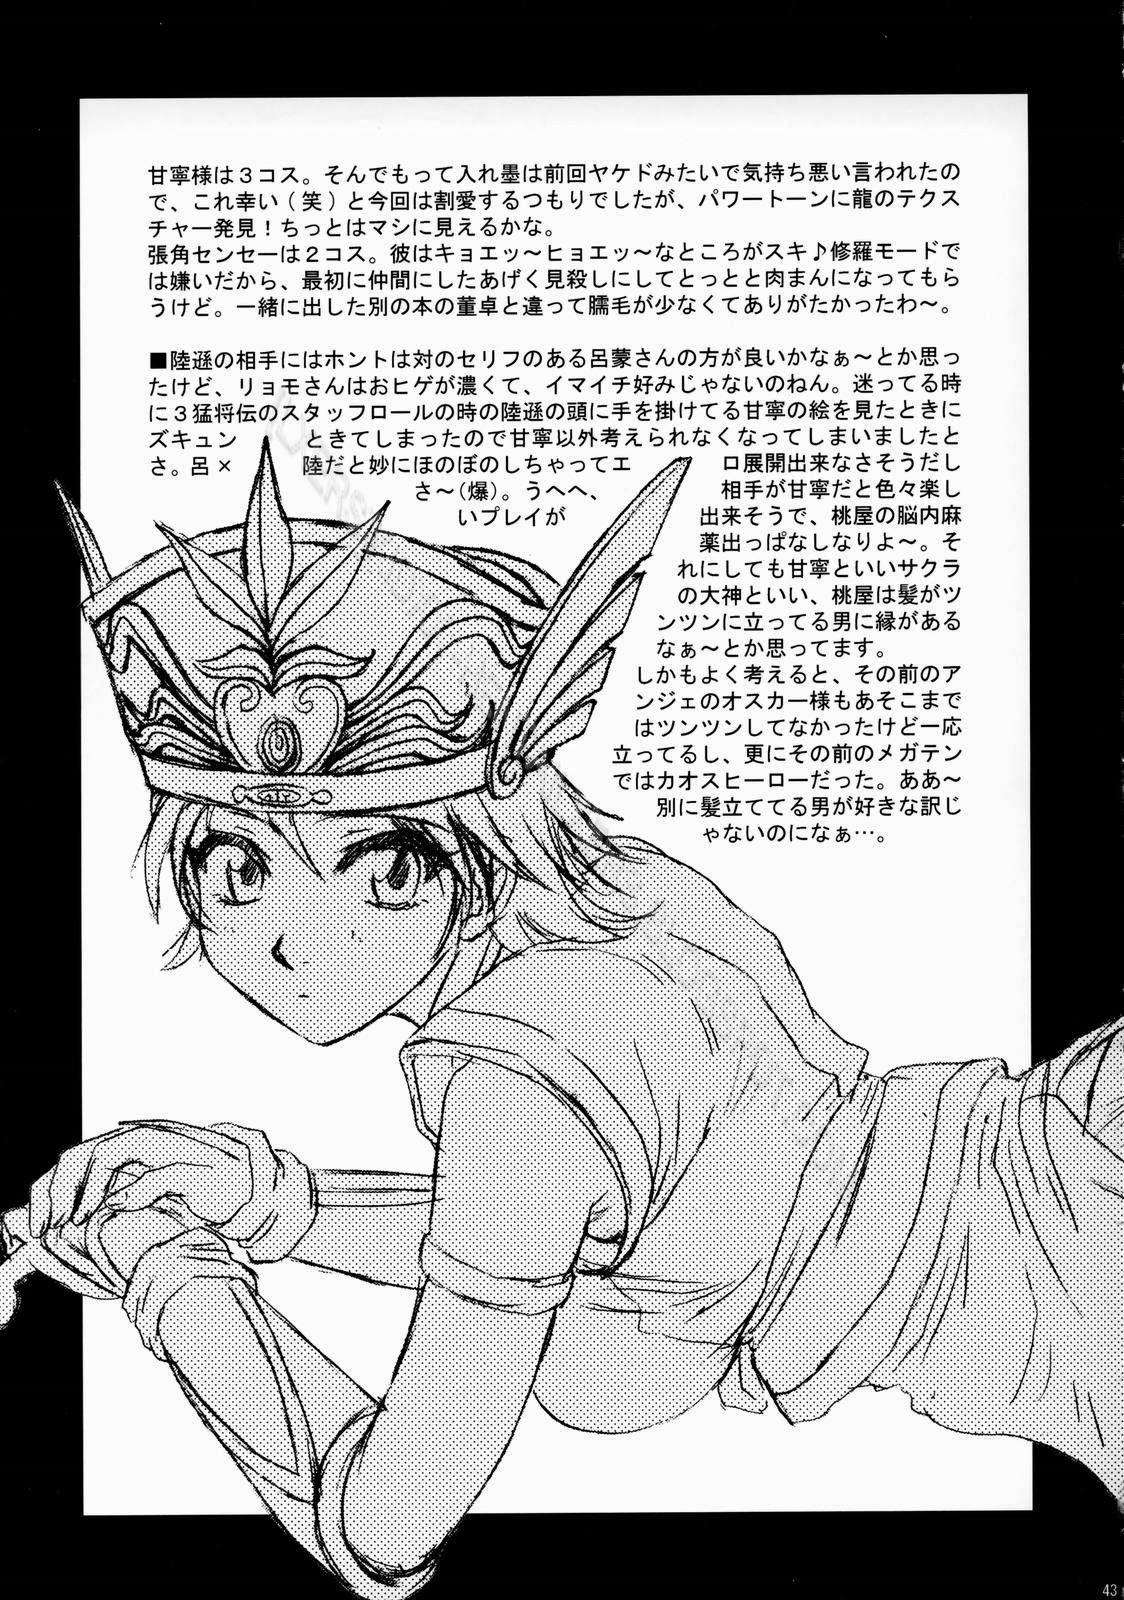 Hình ảnh rikuson 042 in In Sangoku Musou Rikuson Gaiden!